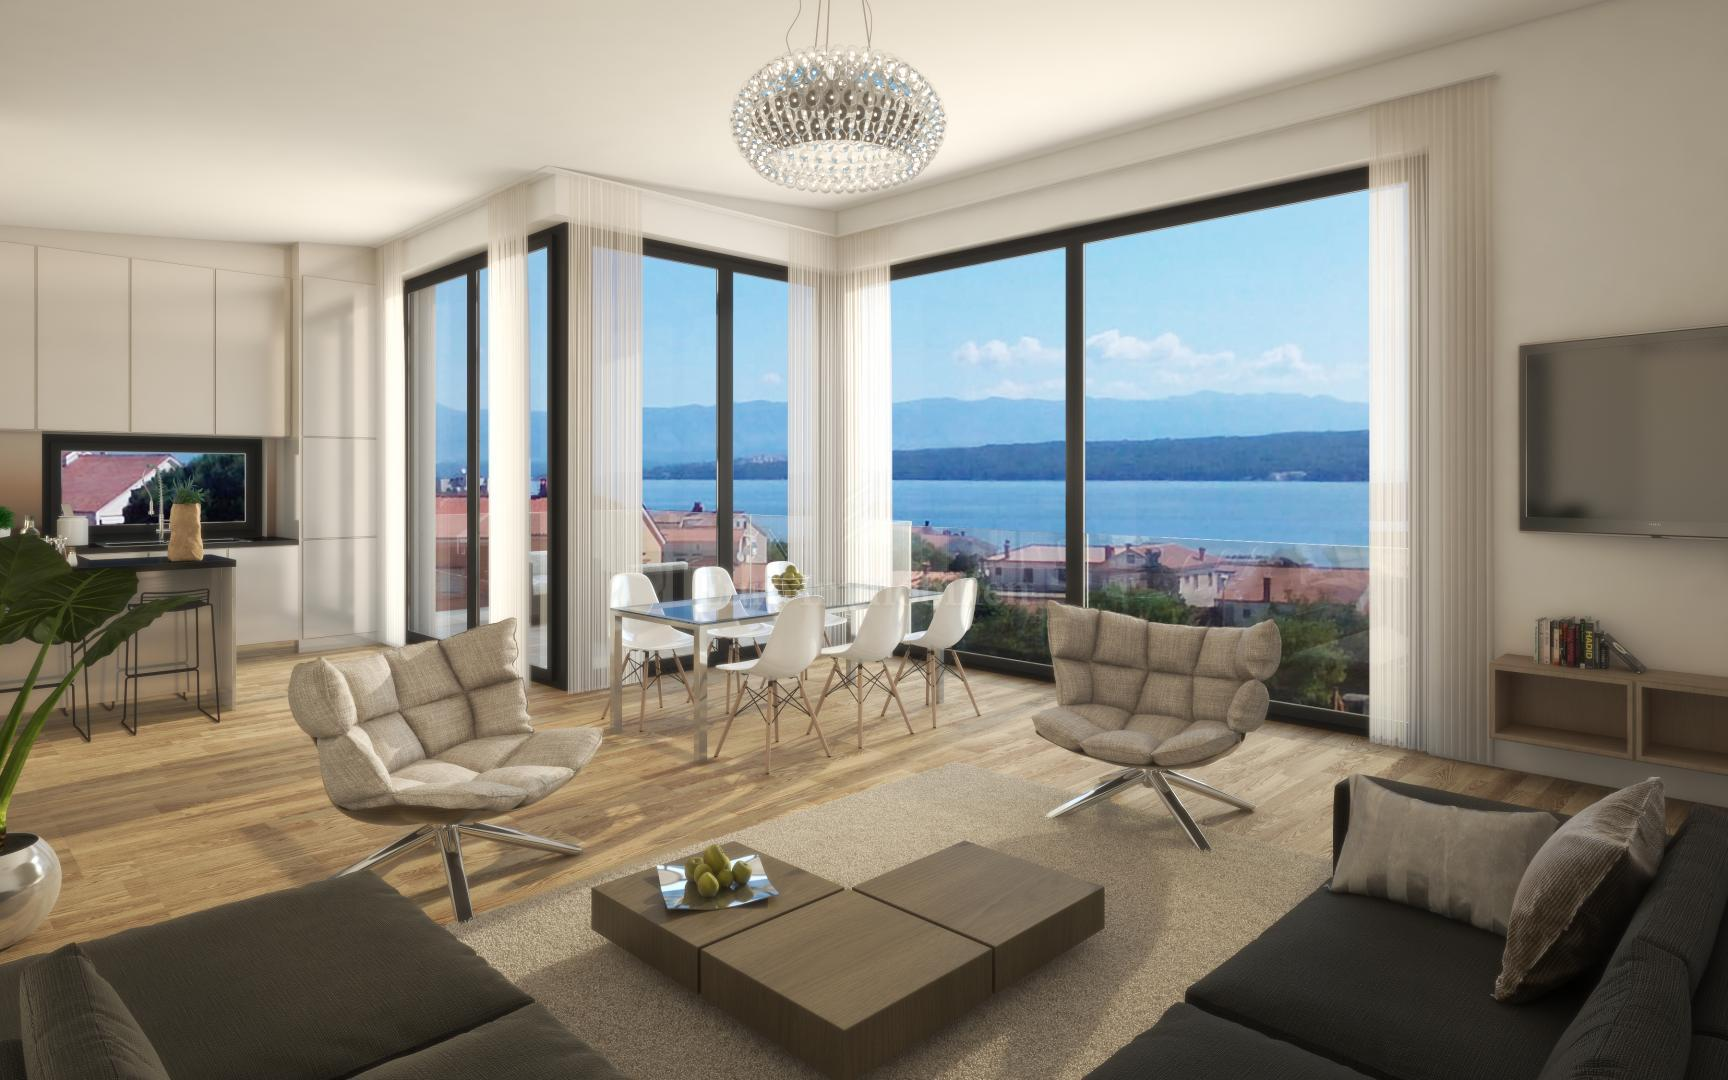 Eine Moderne Neue Wohnung In Bester Lage